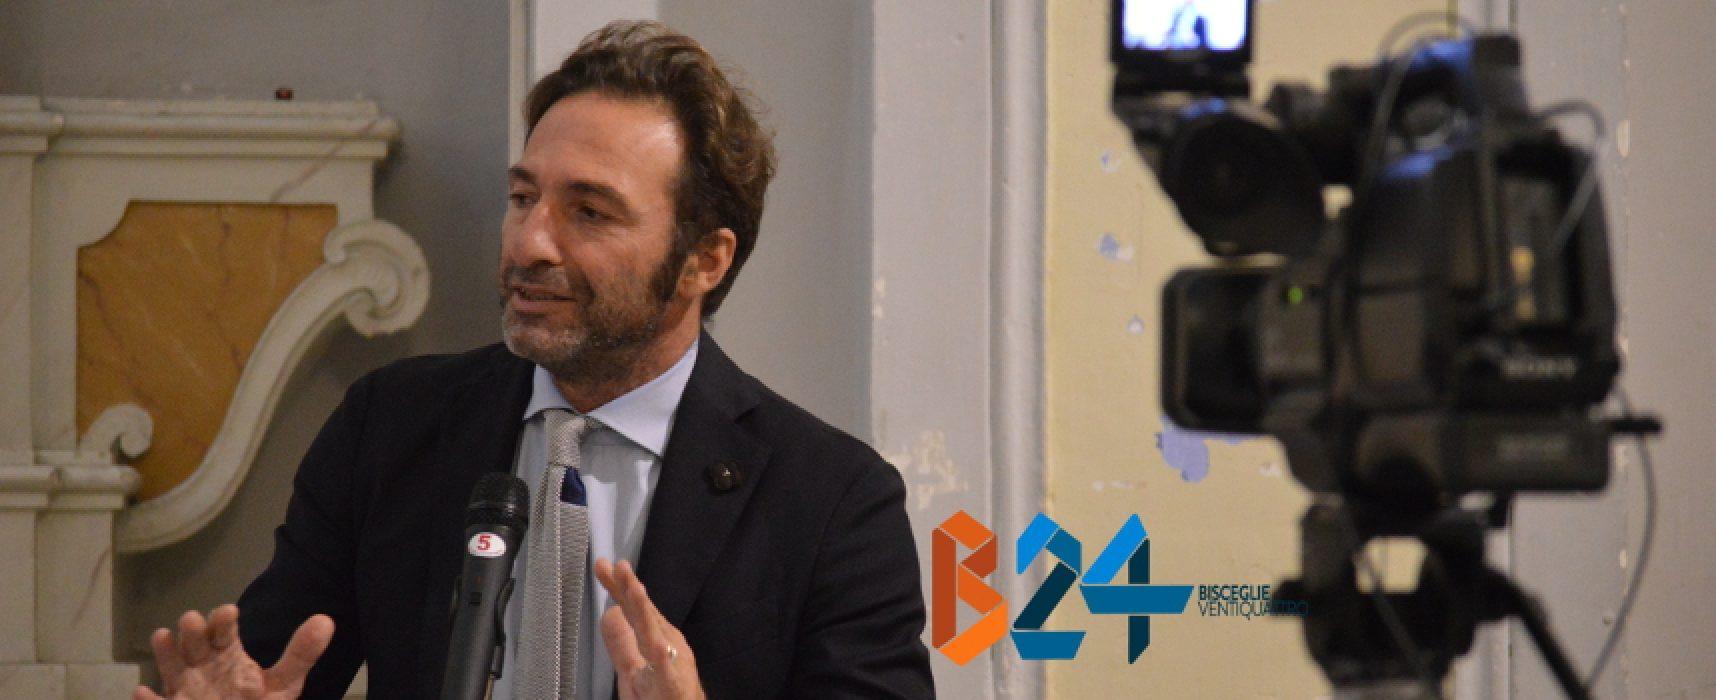 """""""Città pulita, Tari leggera"""", incontro della coalizione """"Nel modo giusto"""" su Rifiuti Zero"""